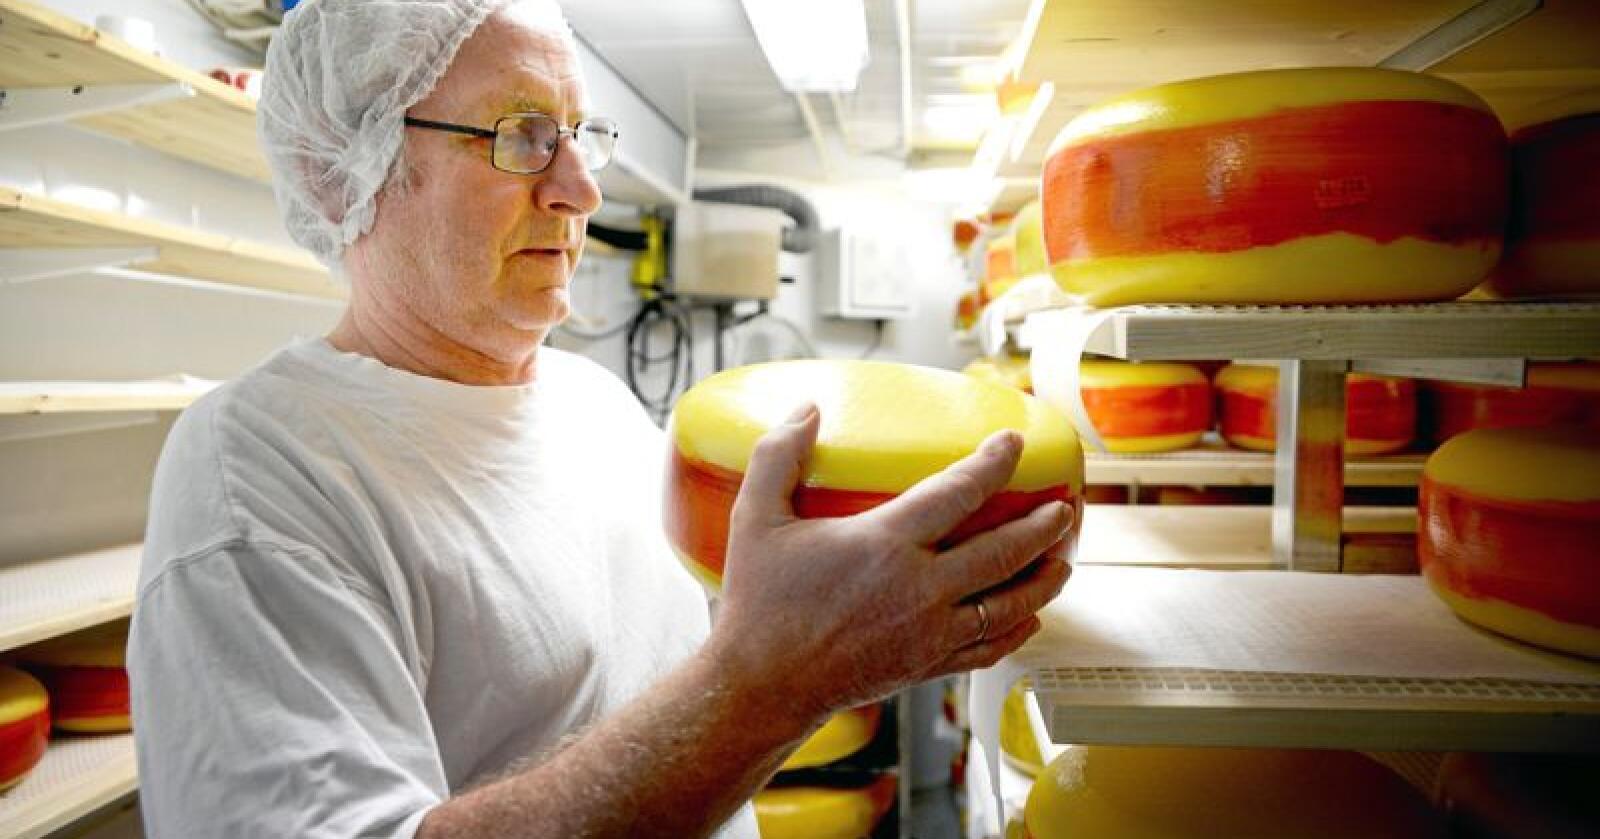 Ostegården med osten Fanaost ble kåret til verdens beste ost under oste VM i Bergen i november 2018. Jørn Hafslund fortel om ein arbeidssam prosess for å modne osten. Foto: Mariann Tvete